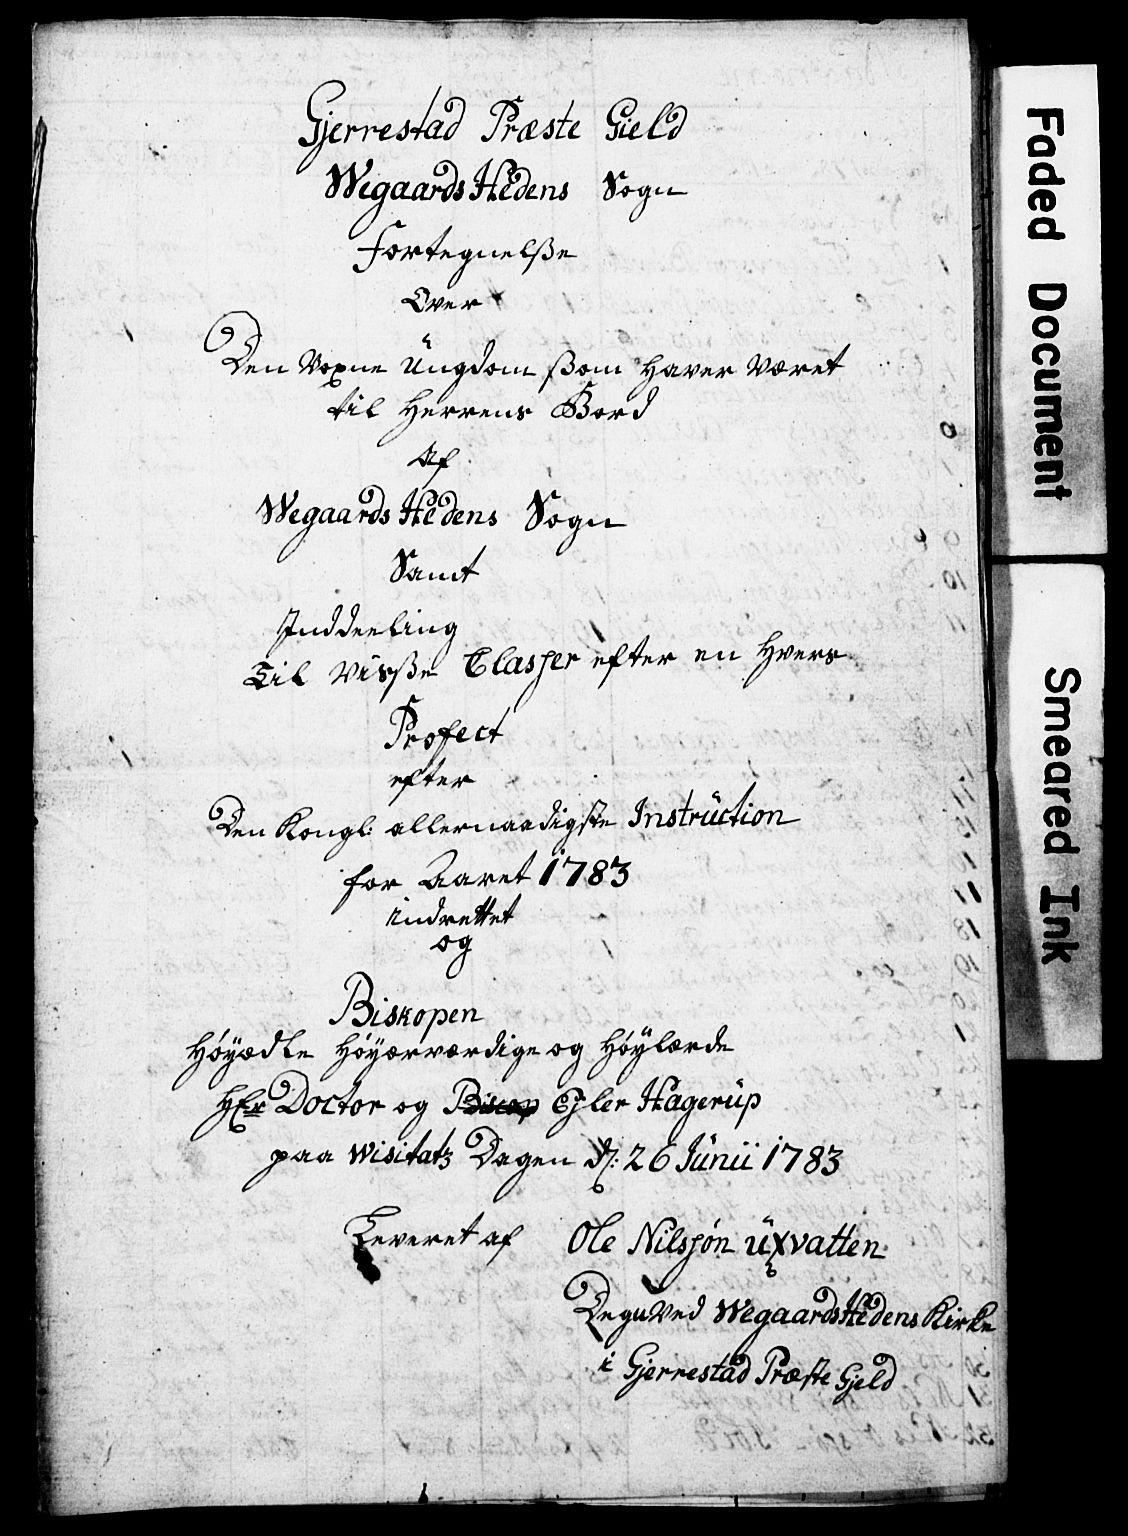 AAKS, Vevstad, Samling 1*, 1783